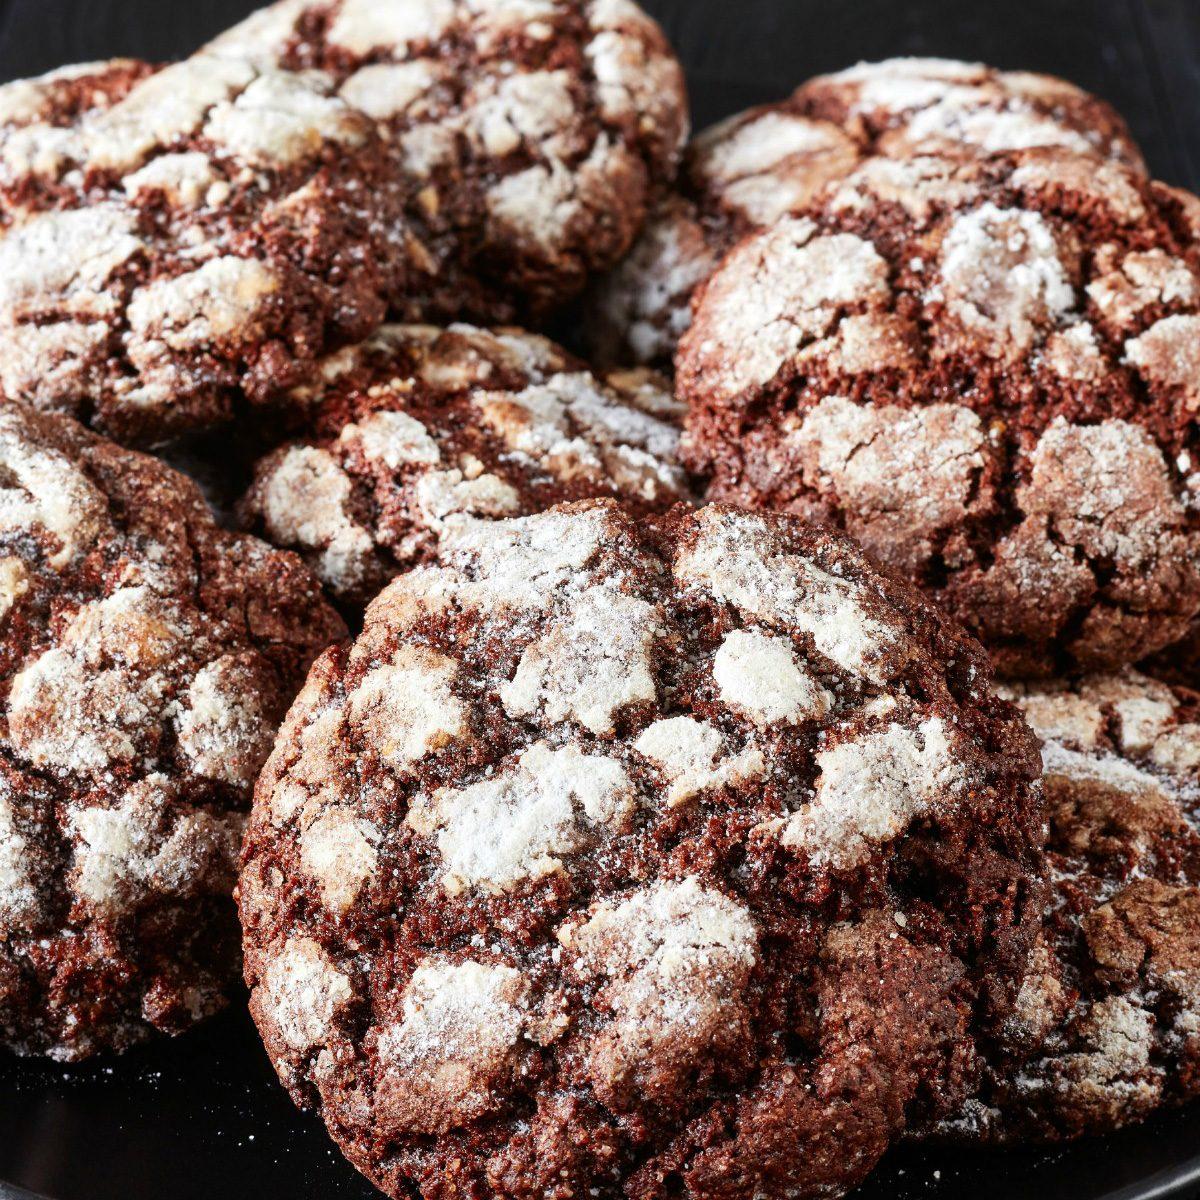 A pile of sugar-free, keto chocolate crinkle cookies.